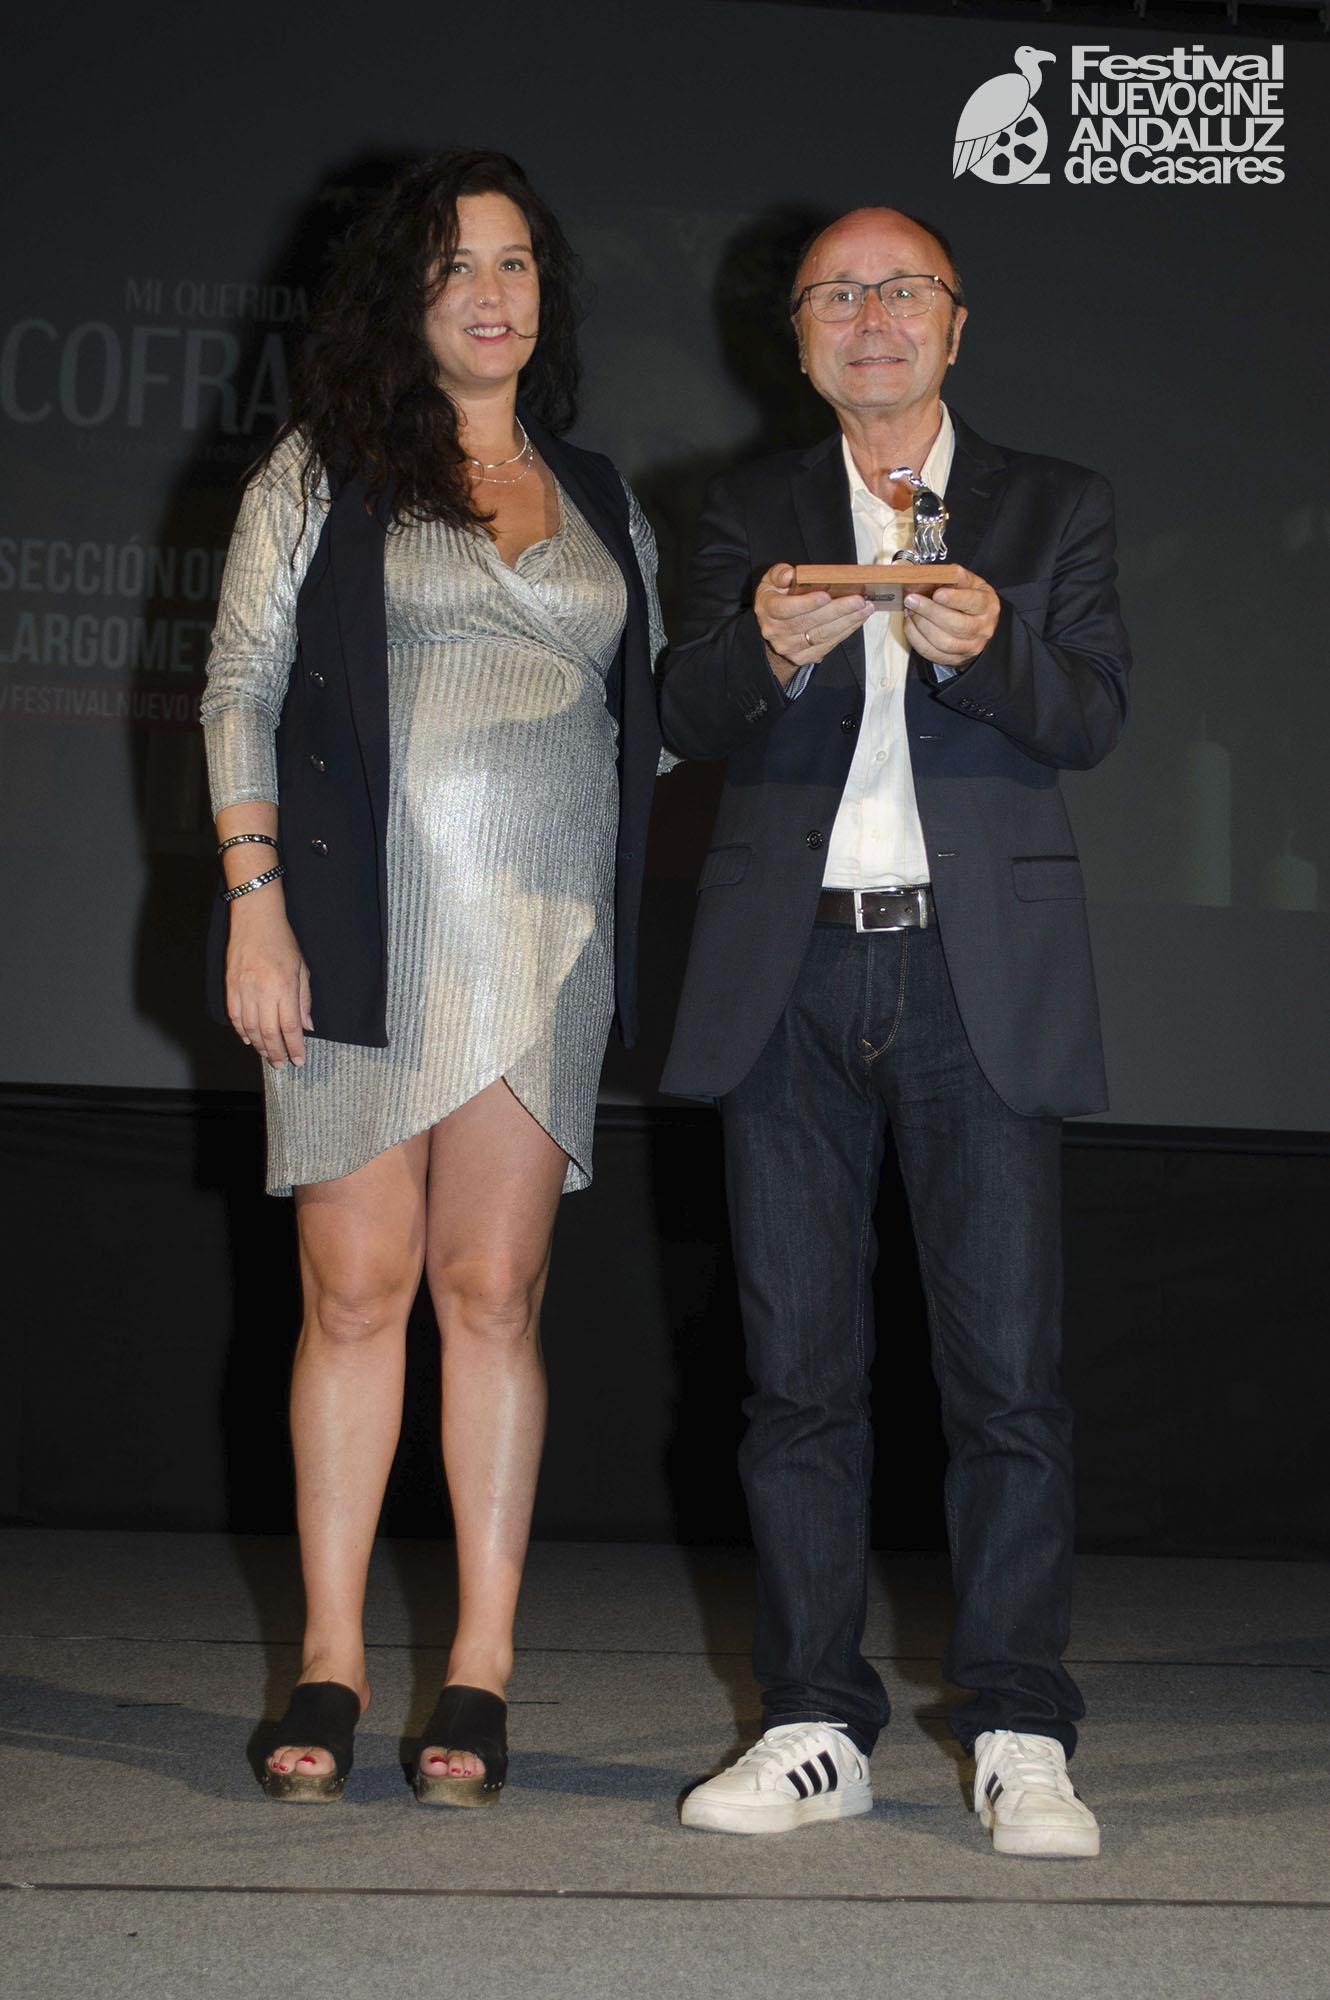 Rocío Ruiz y Manolo Bellido